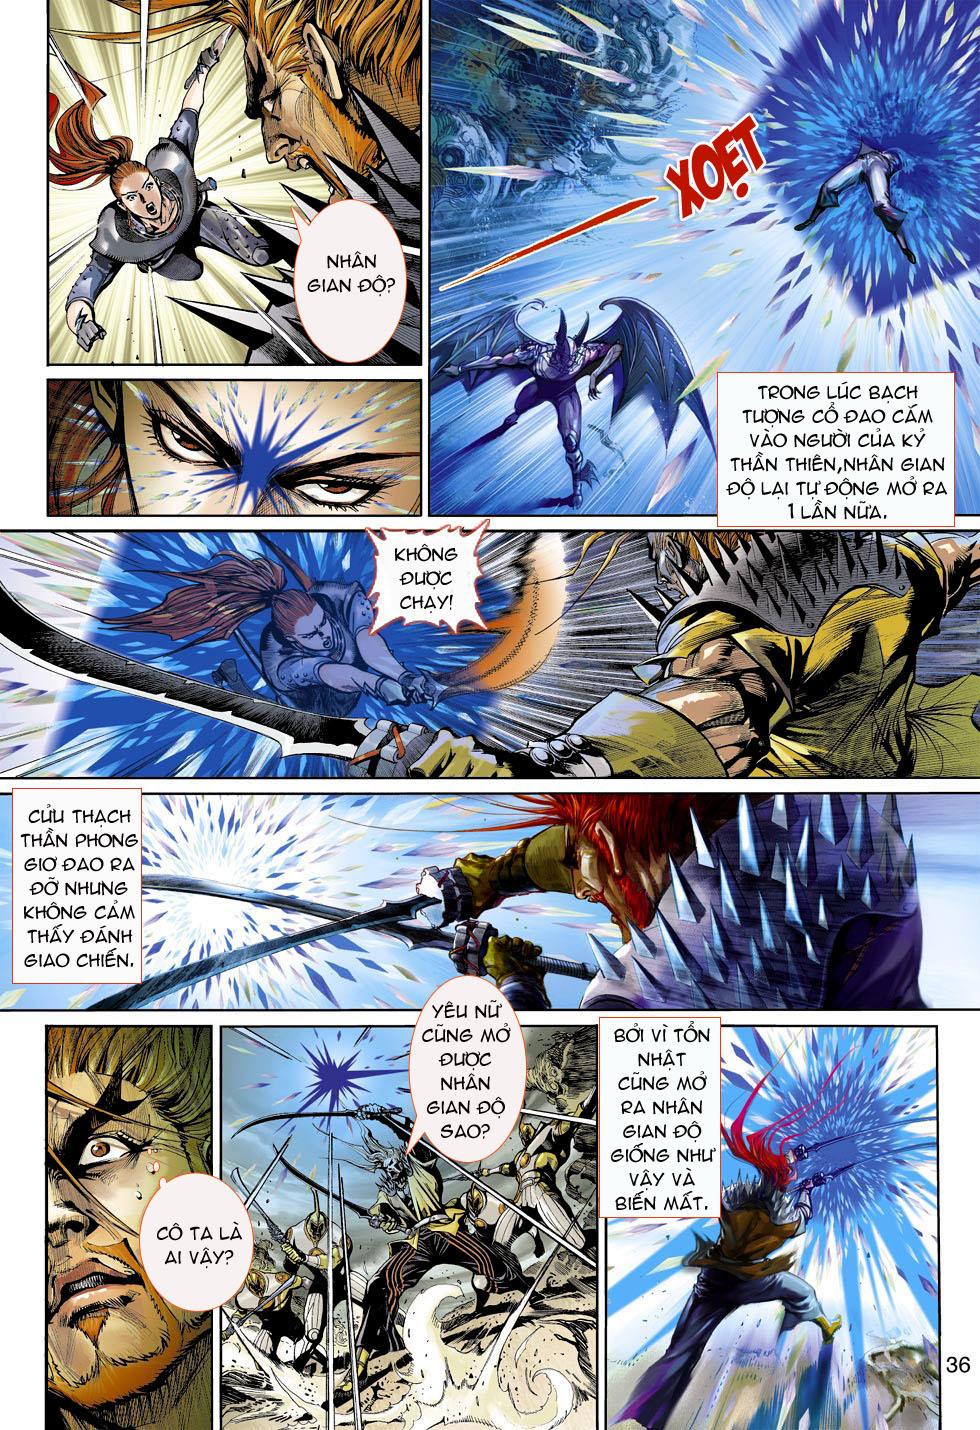 Thần Binh 4 chap 4 - Trang 36